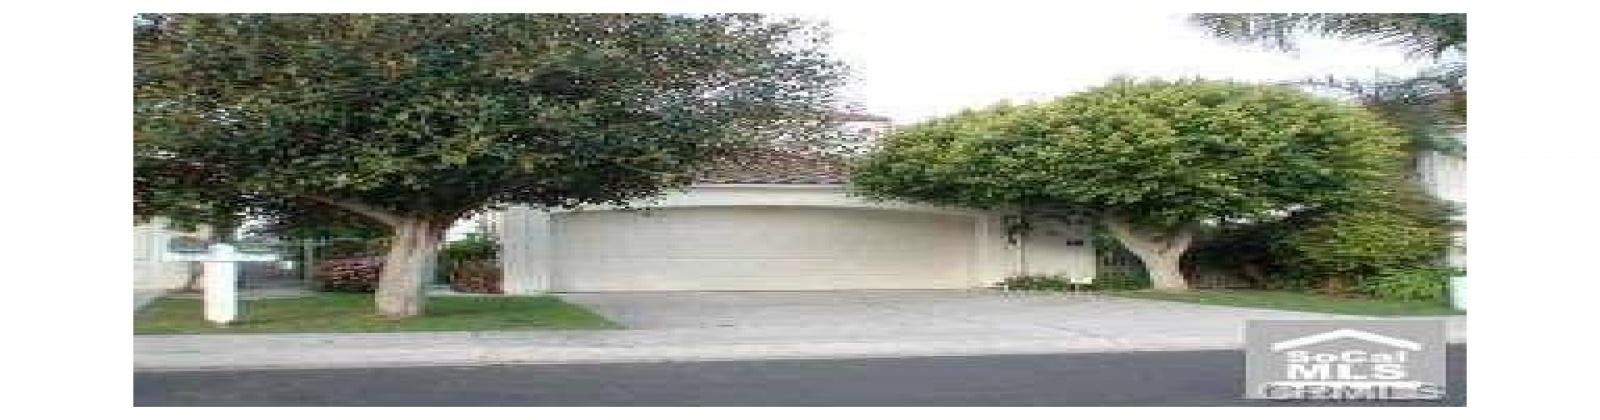 32 DAUPHIN, Dana Point, California 92629, 3 Bedrooms Bedrooms, ,3 BathroomsBathrooms,Home,Leased,DAUPHIN,1312